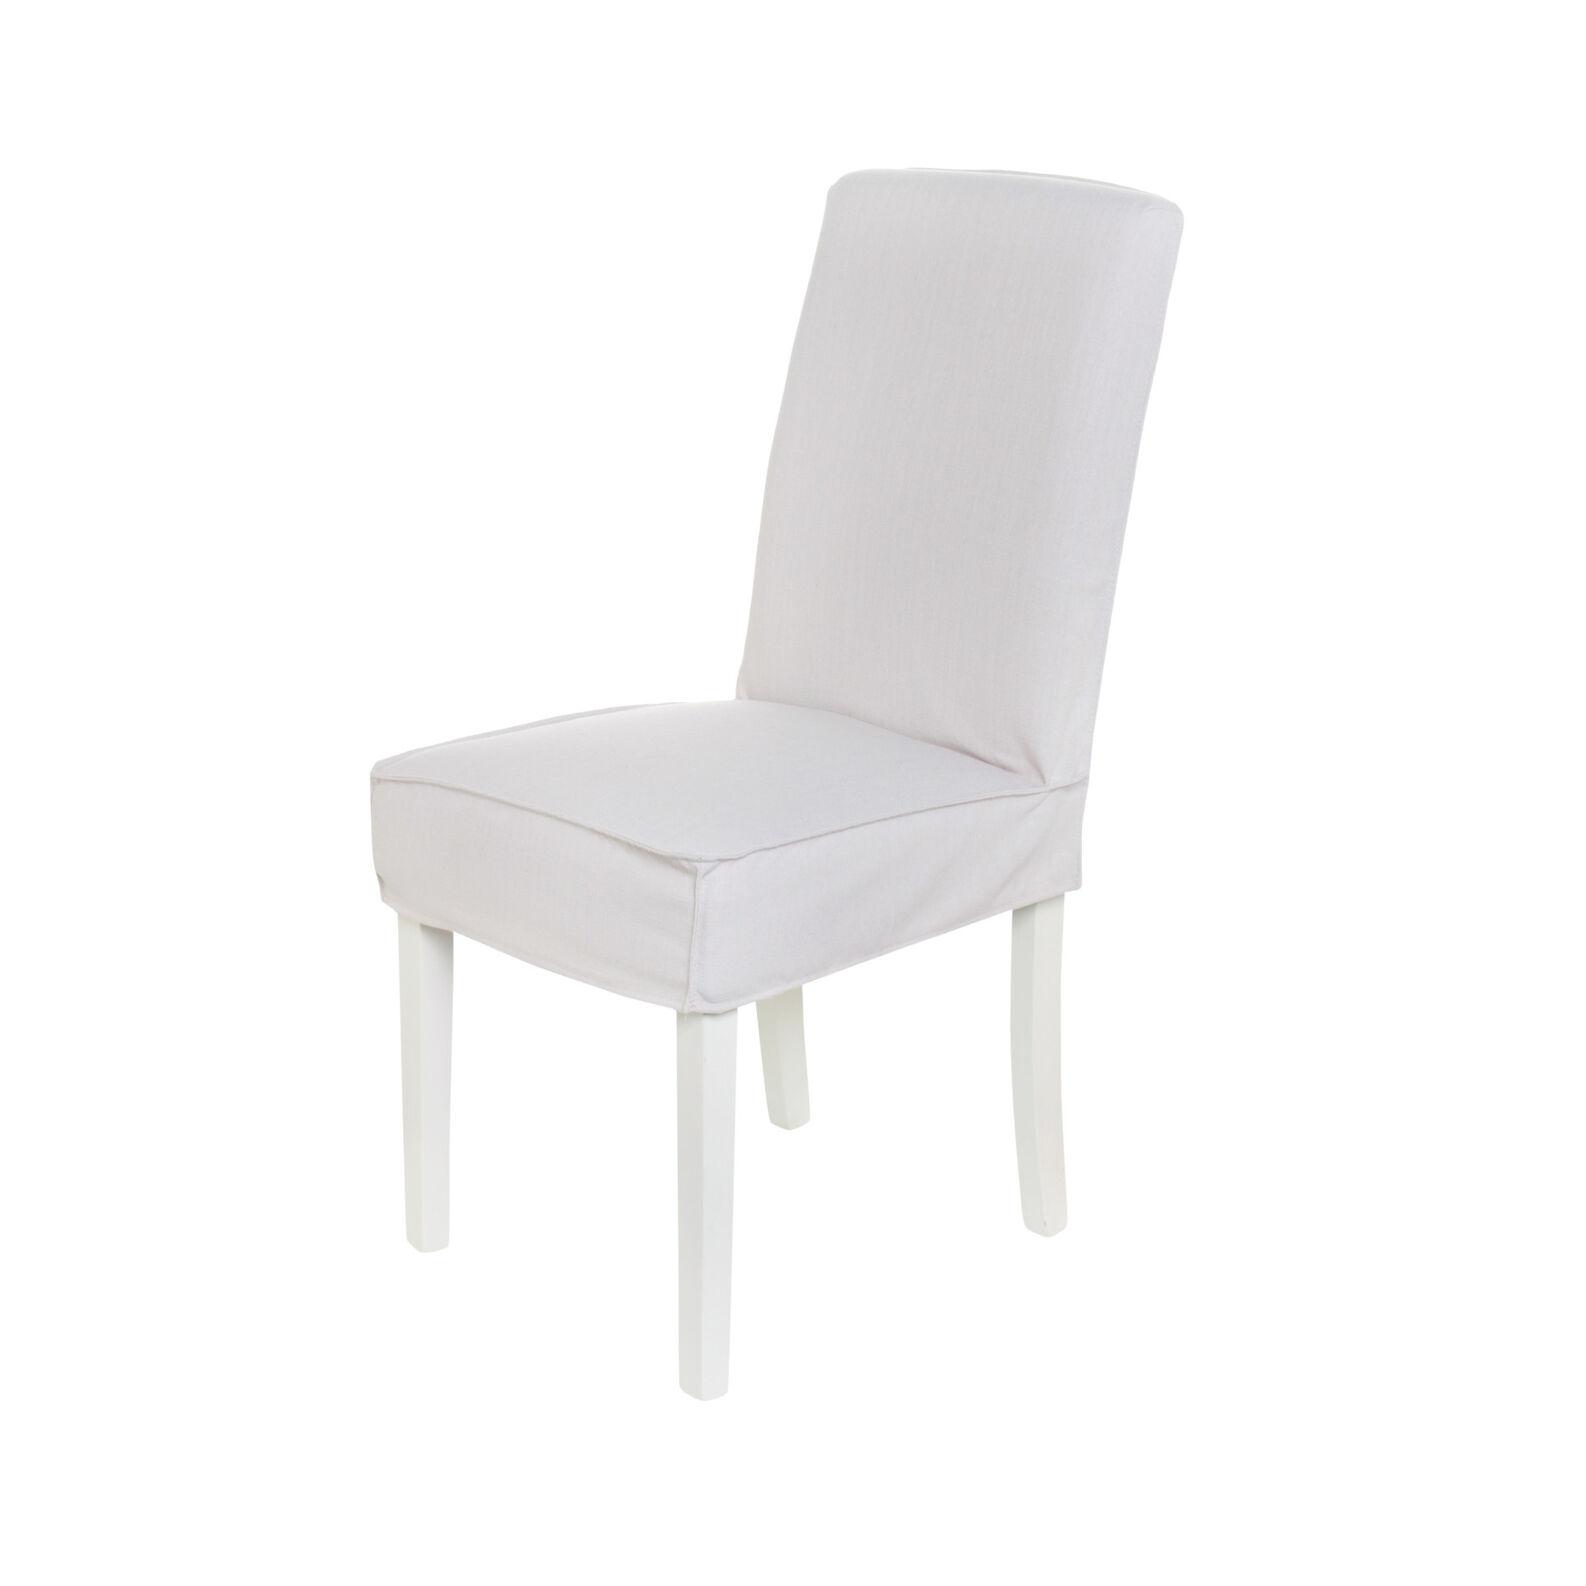 Rivestimento corto per sedie mery coincasa for Rivestimento sedie